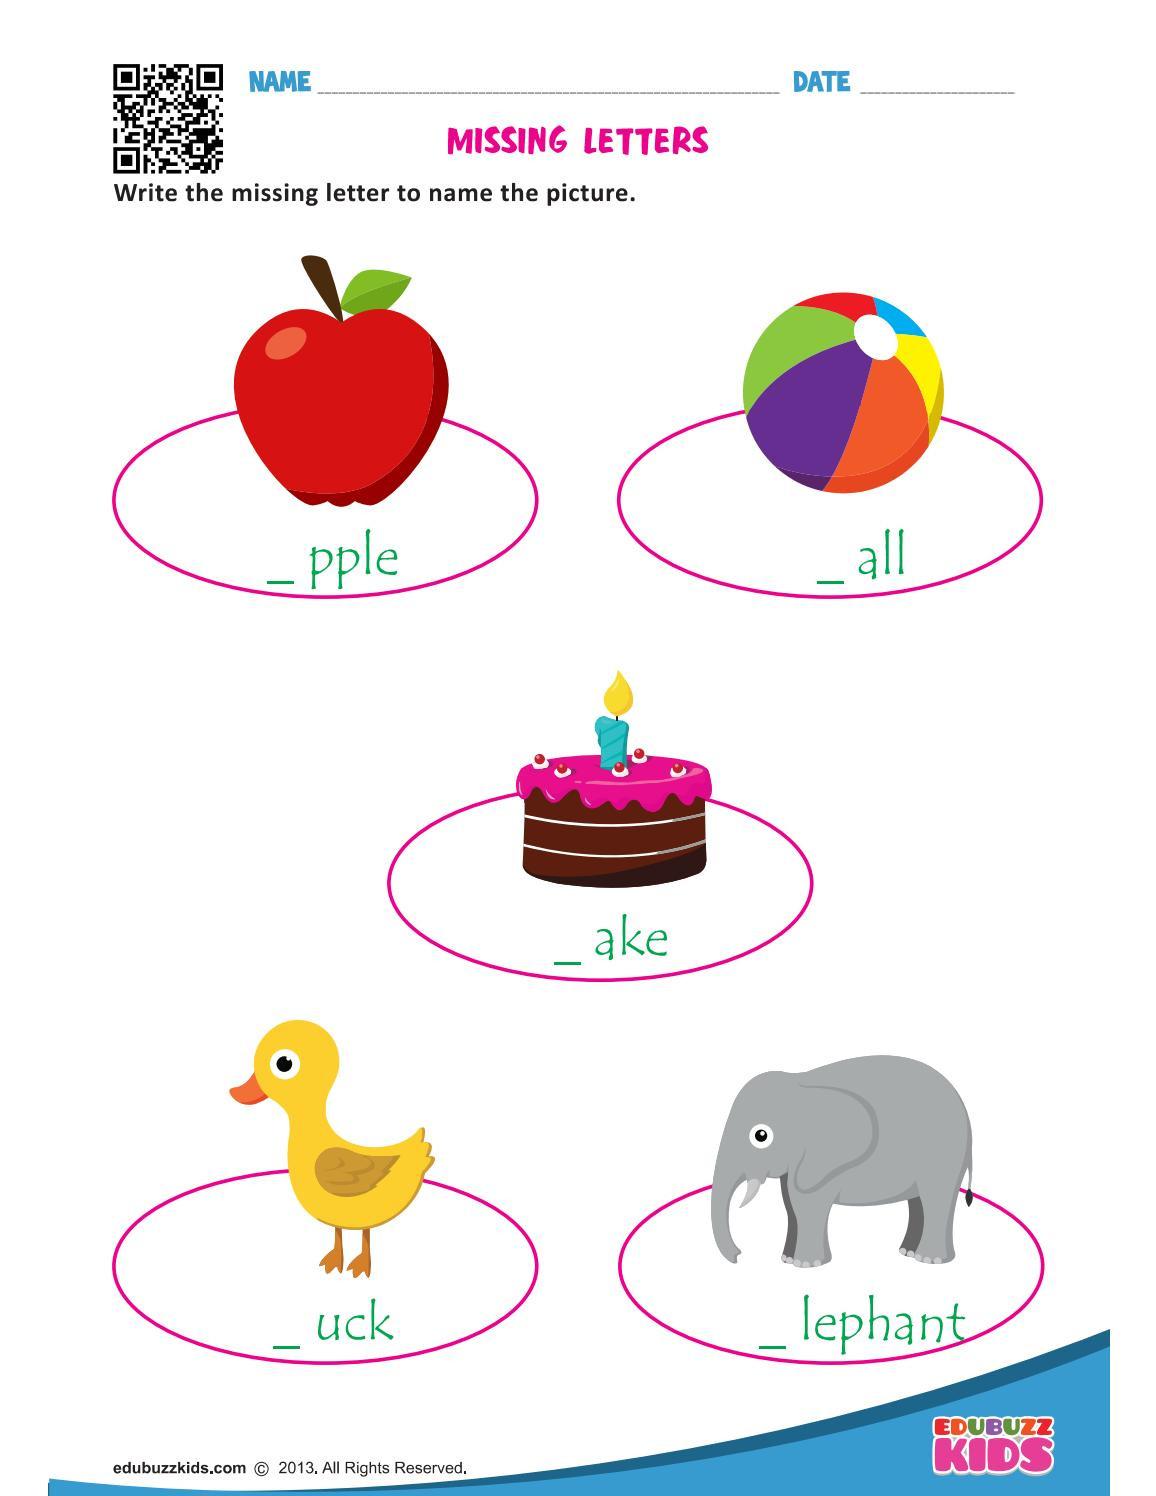 Missing Letters Worksheets for Kindergarten Missing Letters Worksheets for Kindergarten by Edubuzzkids